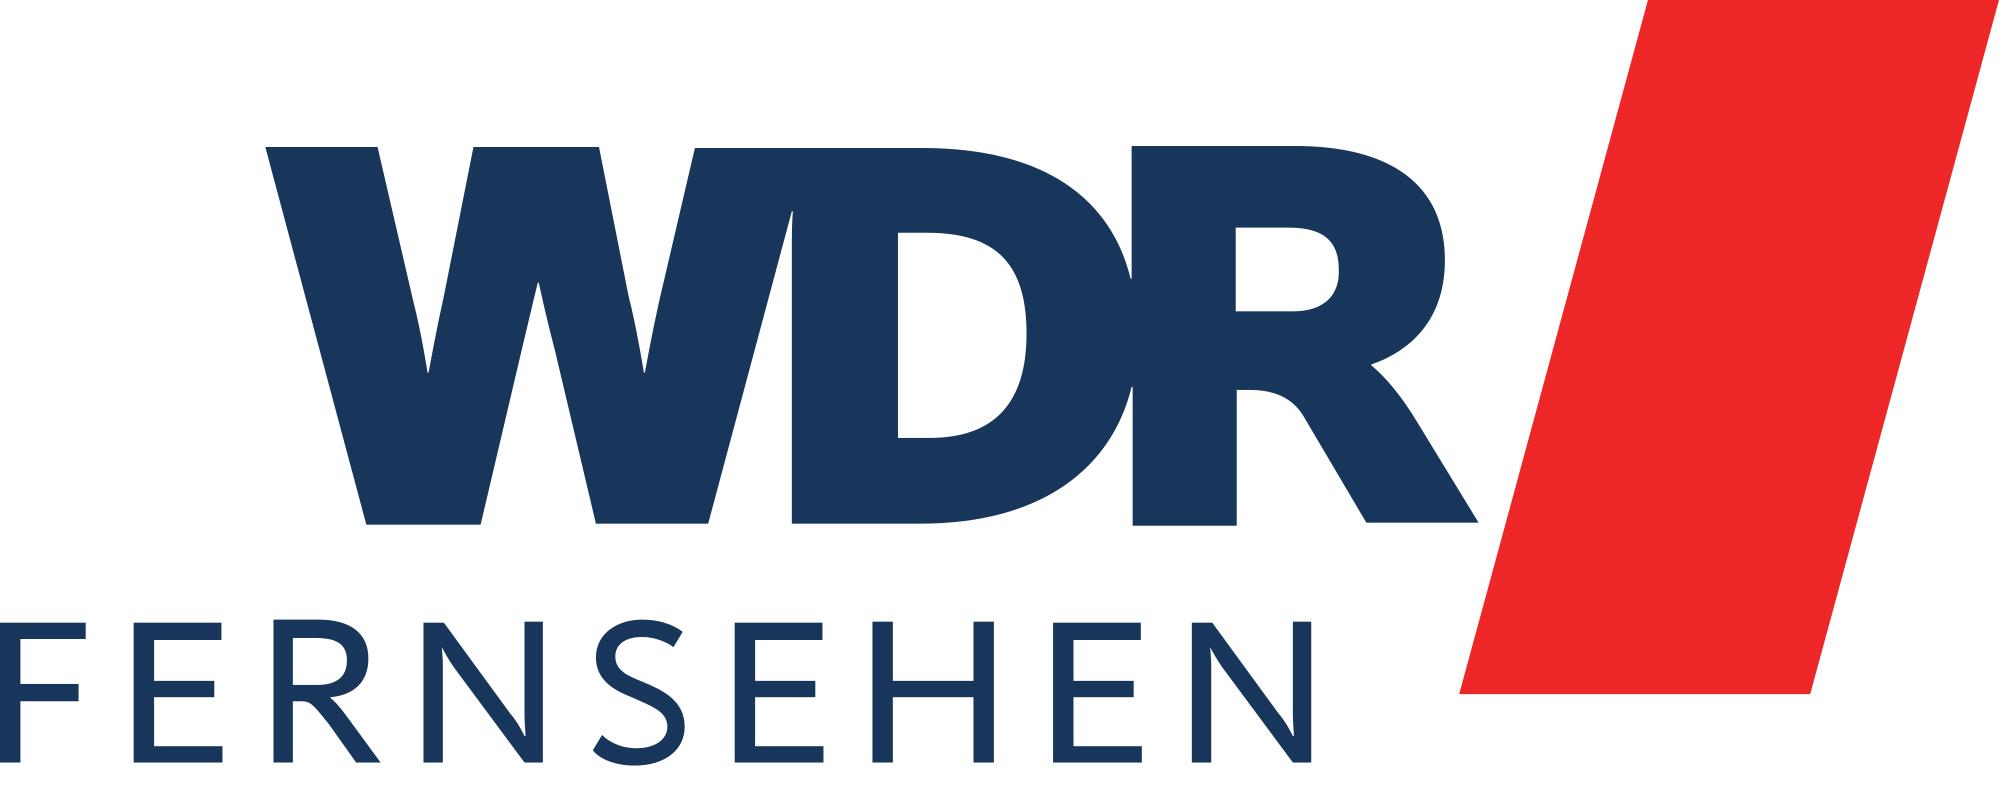 WDR Fernsehen Essen im Kabelfernsehen